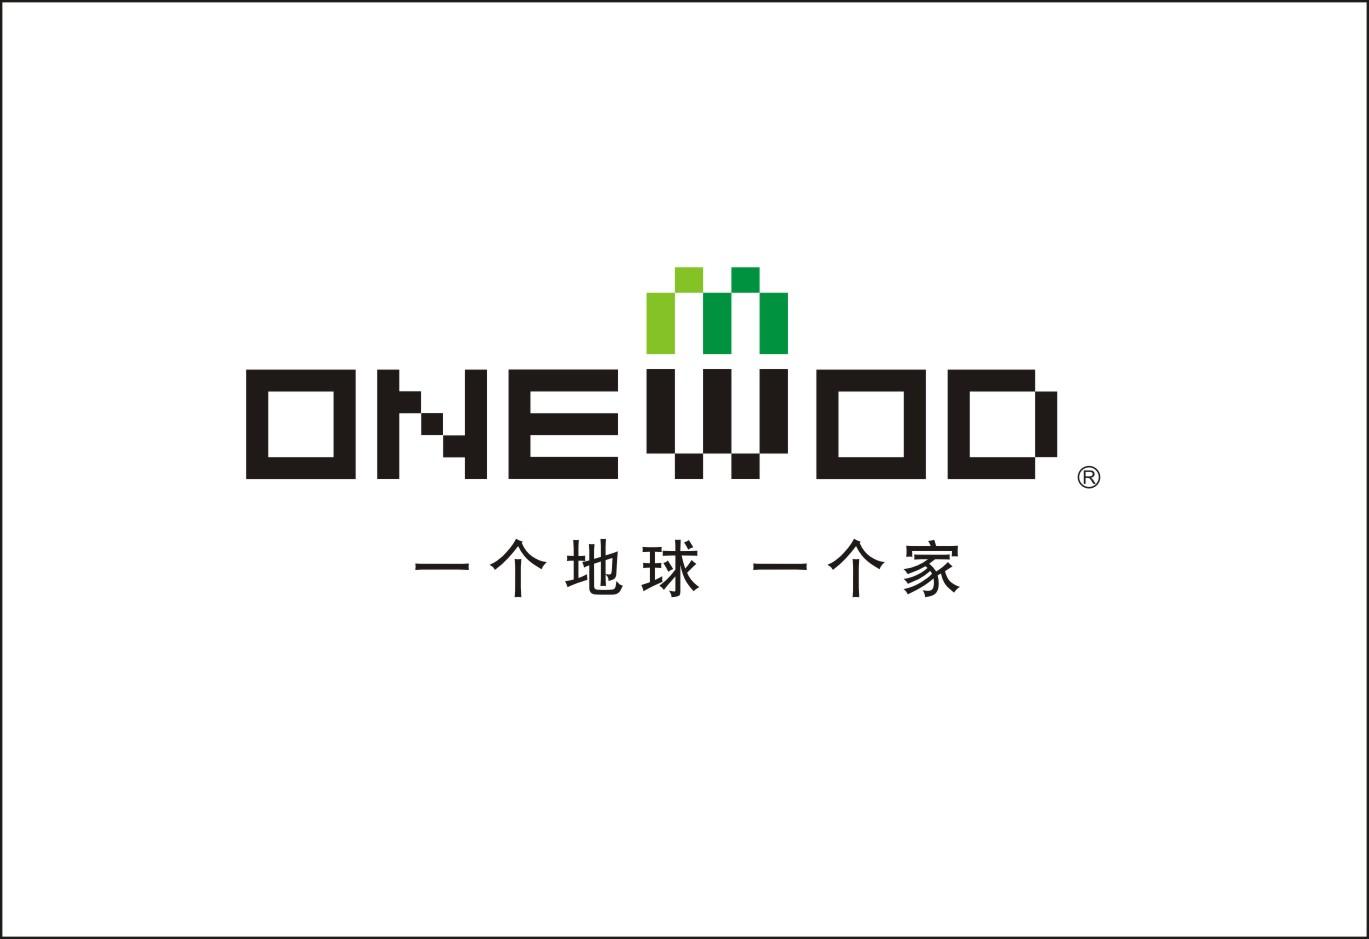 深圳市明電環球科技有限公司